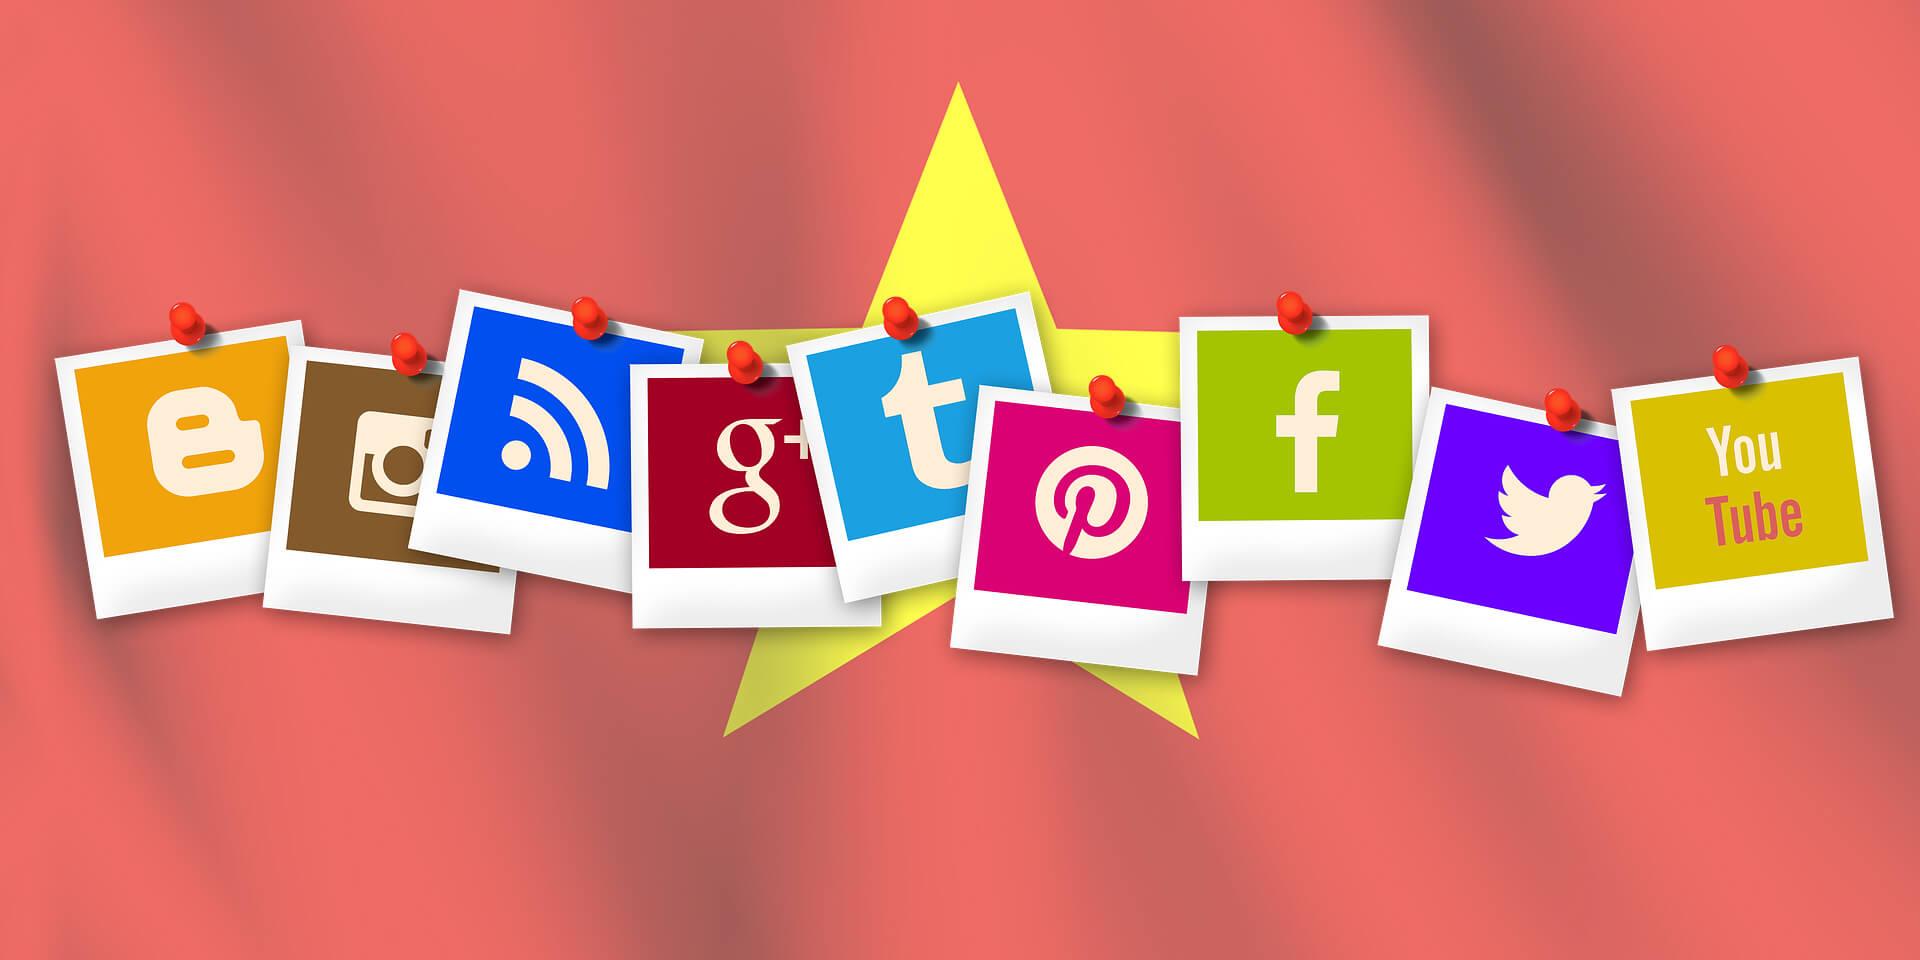 【2020年版】ベトナムで人気のSNSランキング | ベトナムでのWEBマーケティング・プロモーションを解説